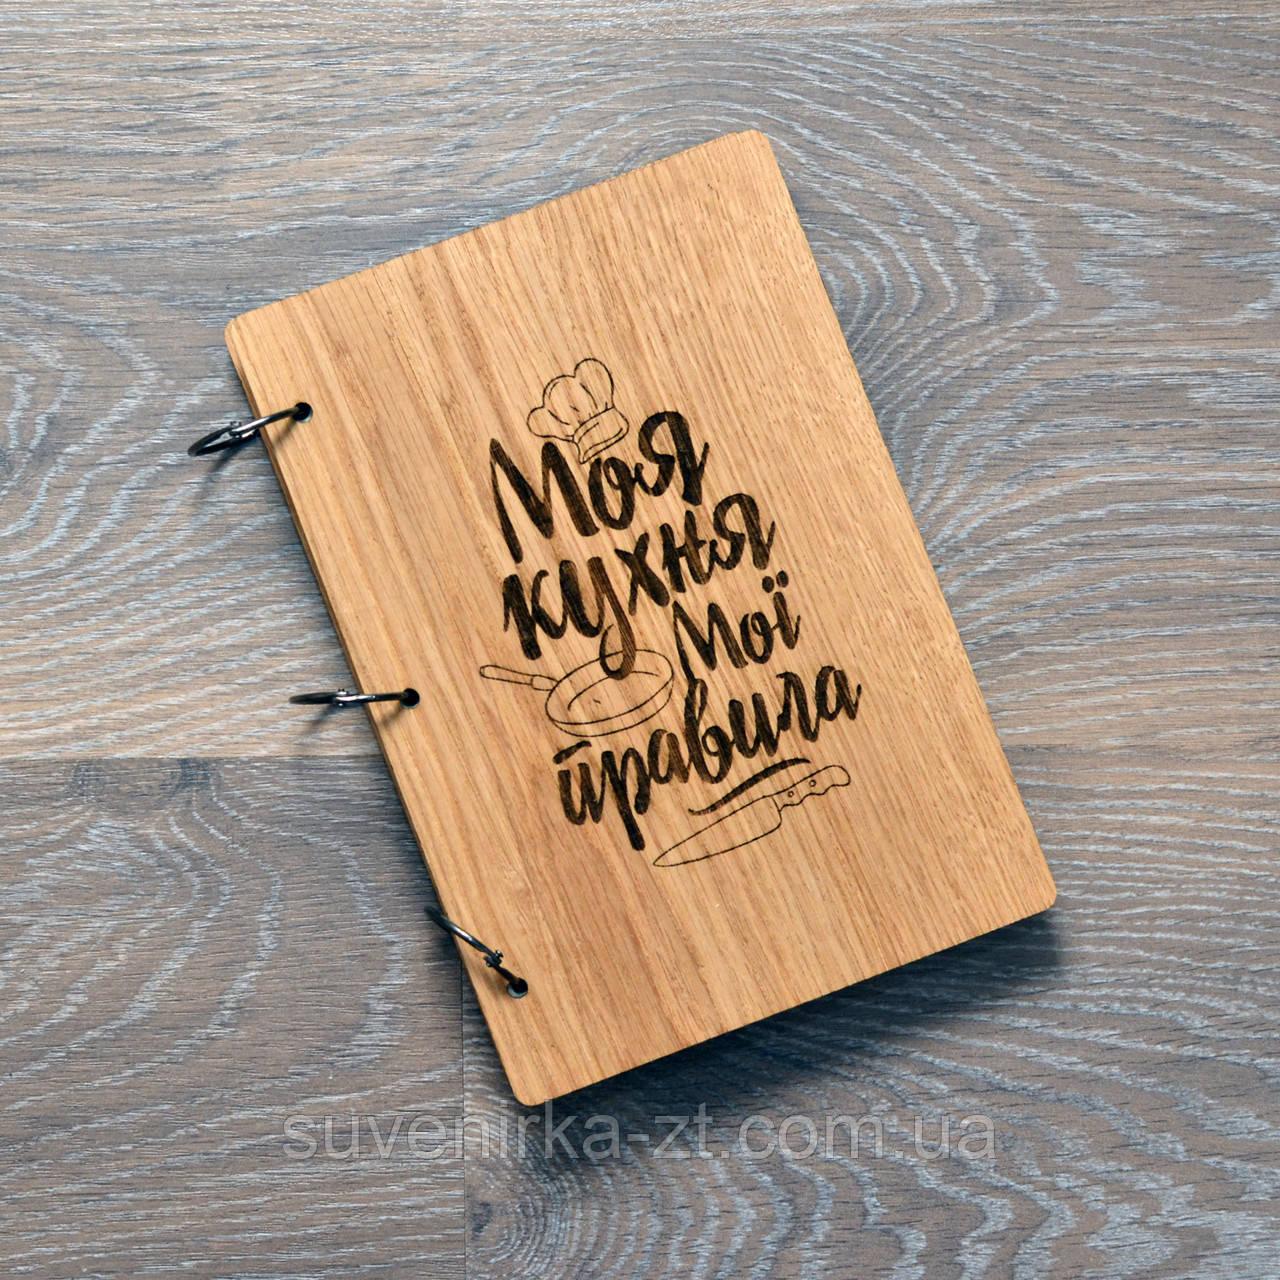 Блокнот с деревянной обложкой. Моя кухня мои правила